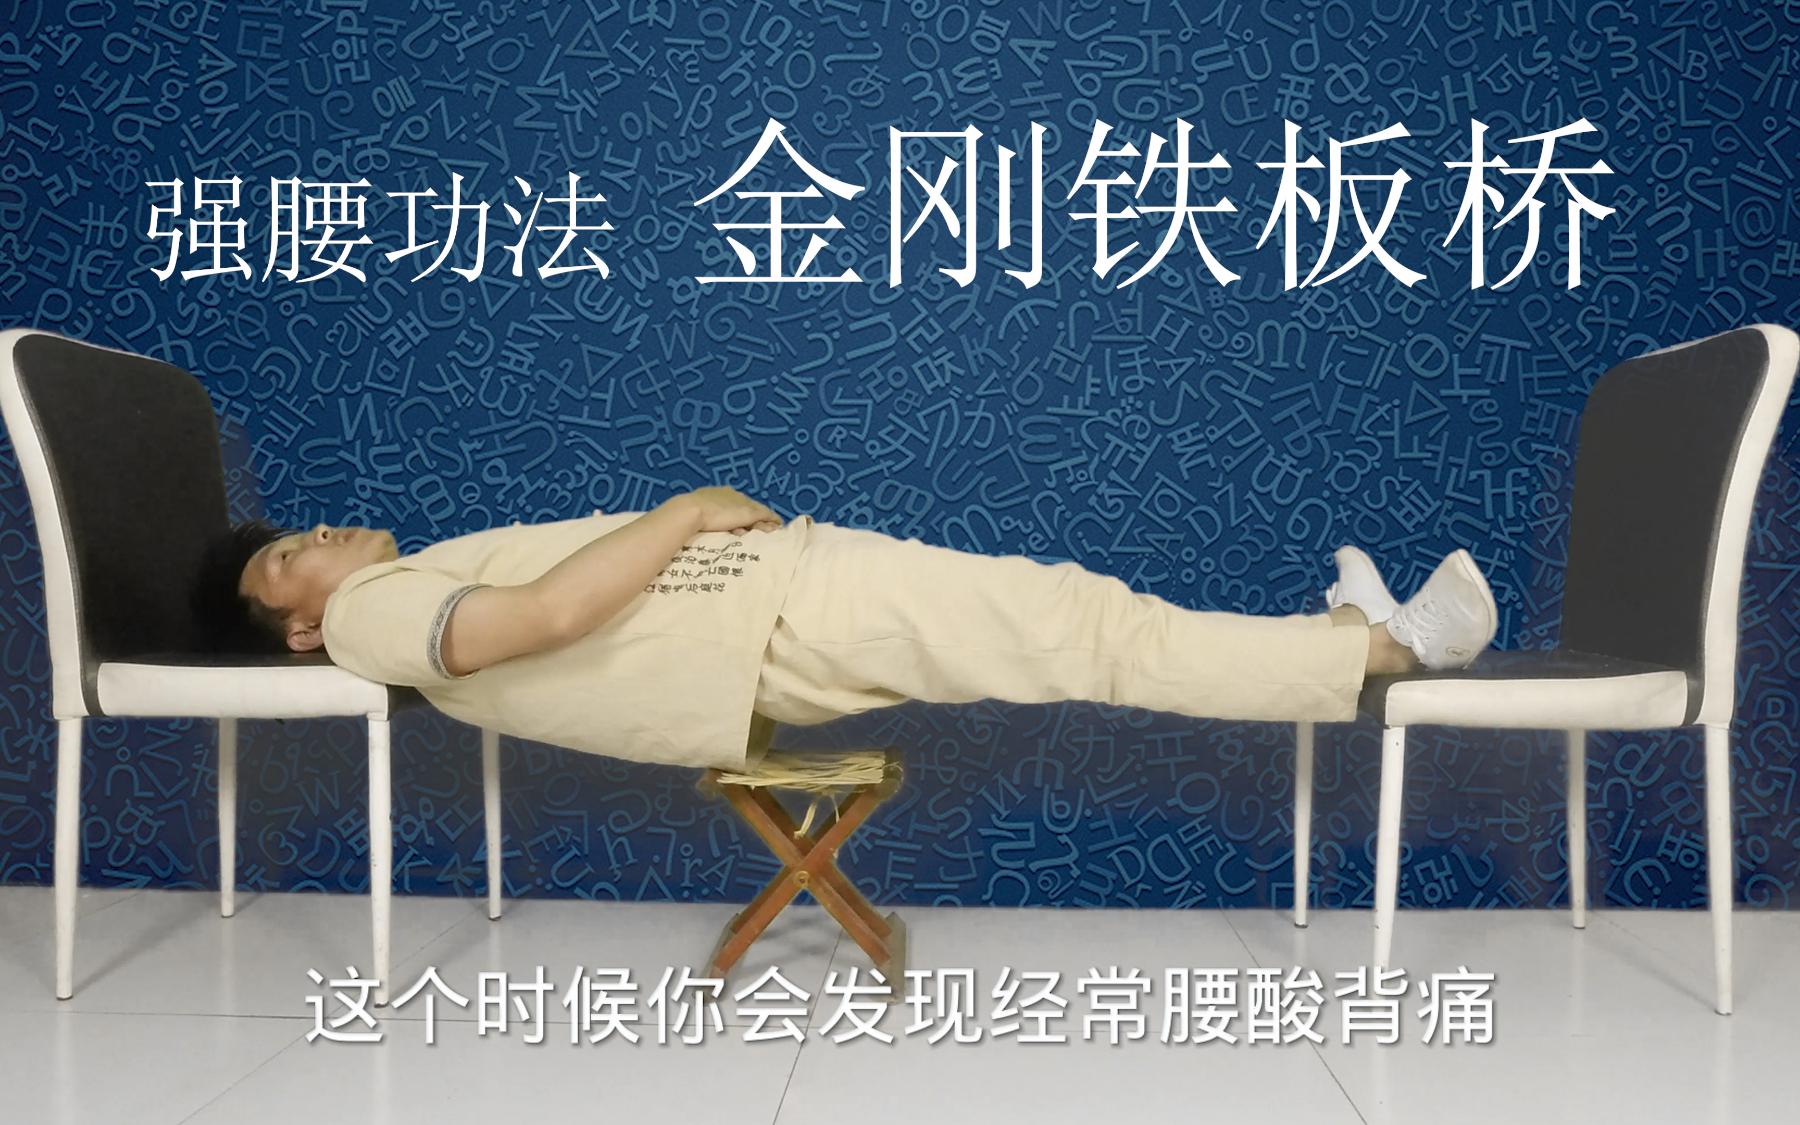 """南少林强腰功法""""金刚铁板桥"""",每天5分钟,壮腰强肾,身板硬朗"""